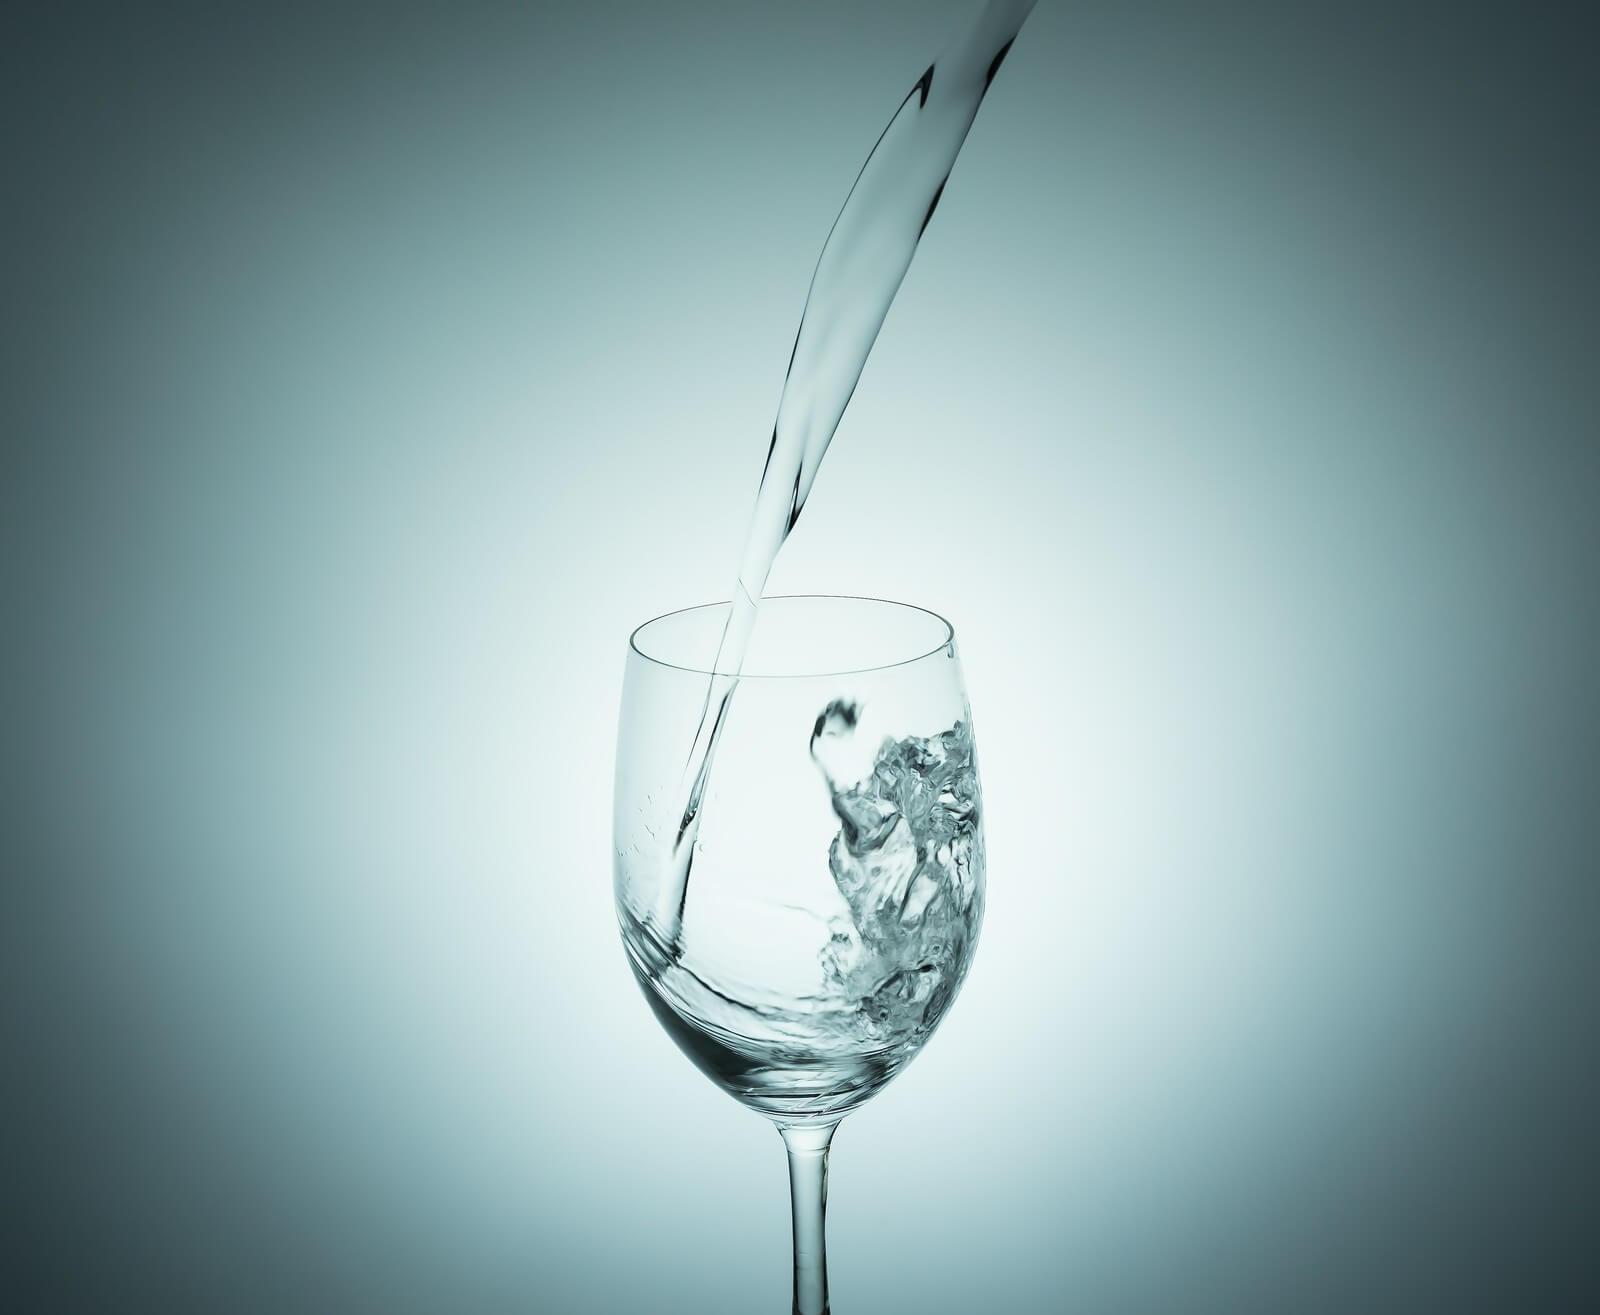 生活習慣の改善として身近な飲み物から変えてみませんか?